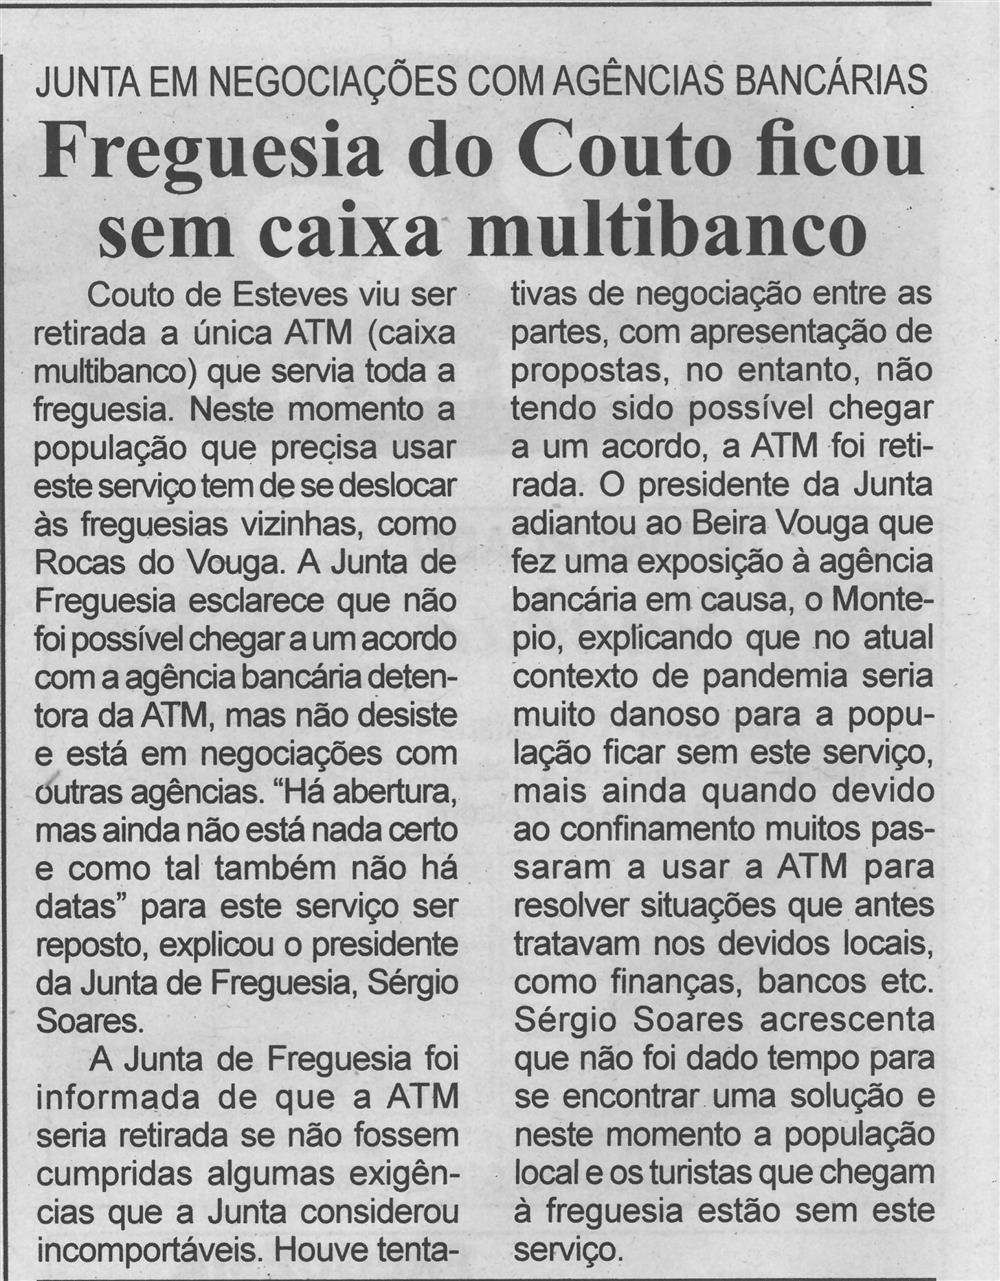 BV-2.ªjul.'20-p.6-Freguesia do Couto ficou sem caixa multibanco : Junta em negociações com agências bancárias.jpg